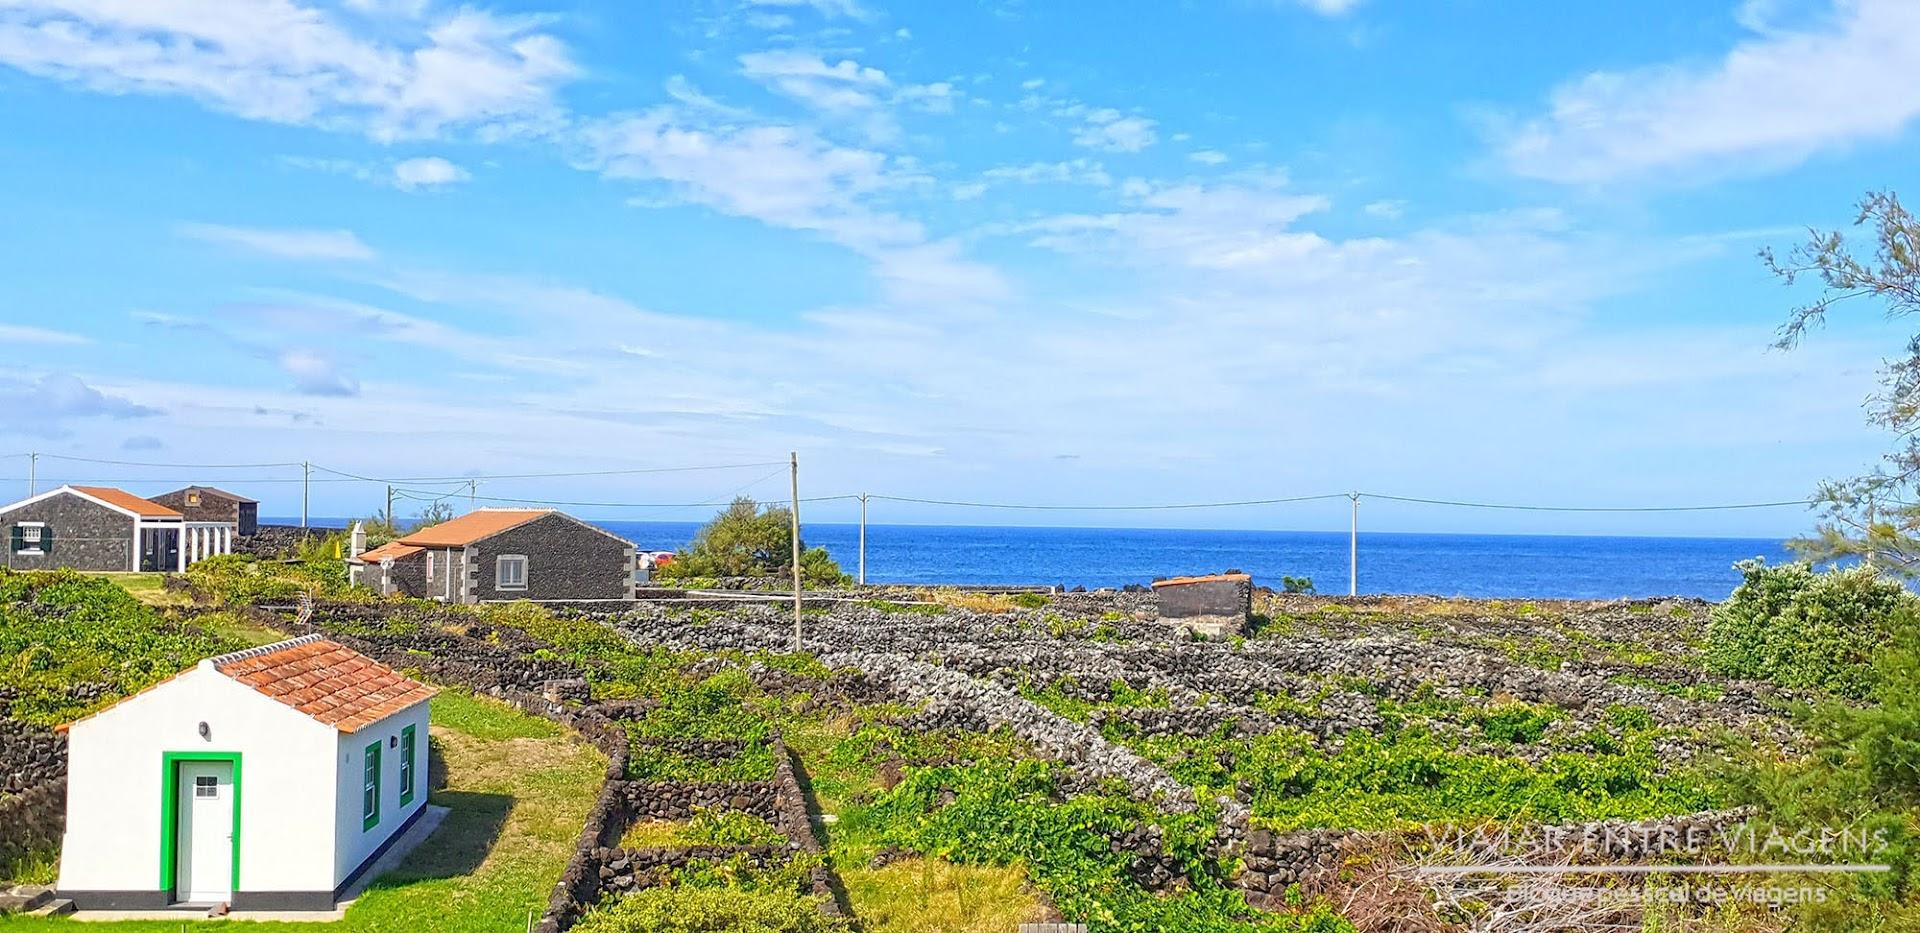 Conhecer a região vinícola dos Biscoitos, na ilha Terceira